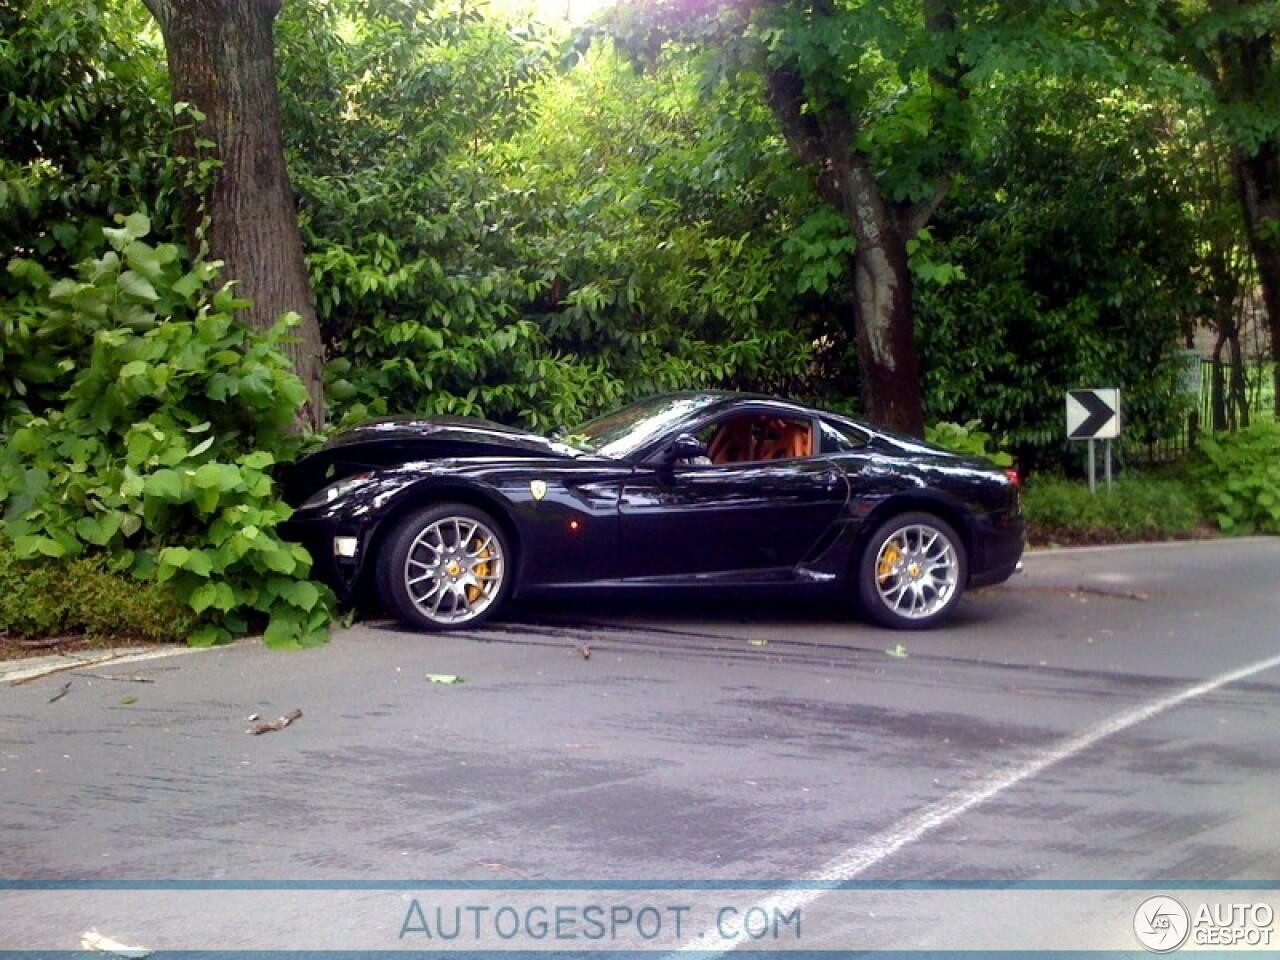 Vandaag tien jaar geleden bleef deze Ferrari niet op het rechte pad